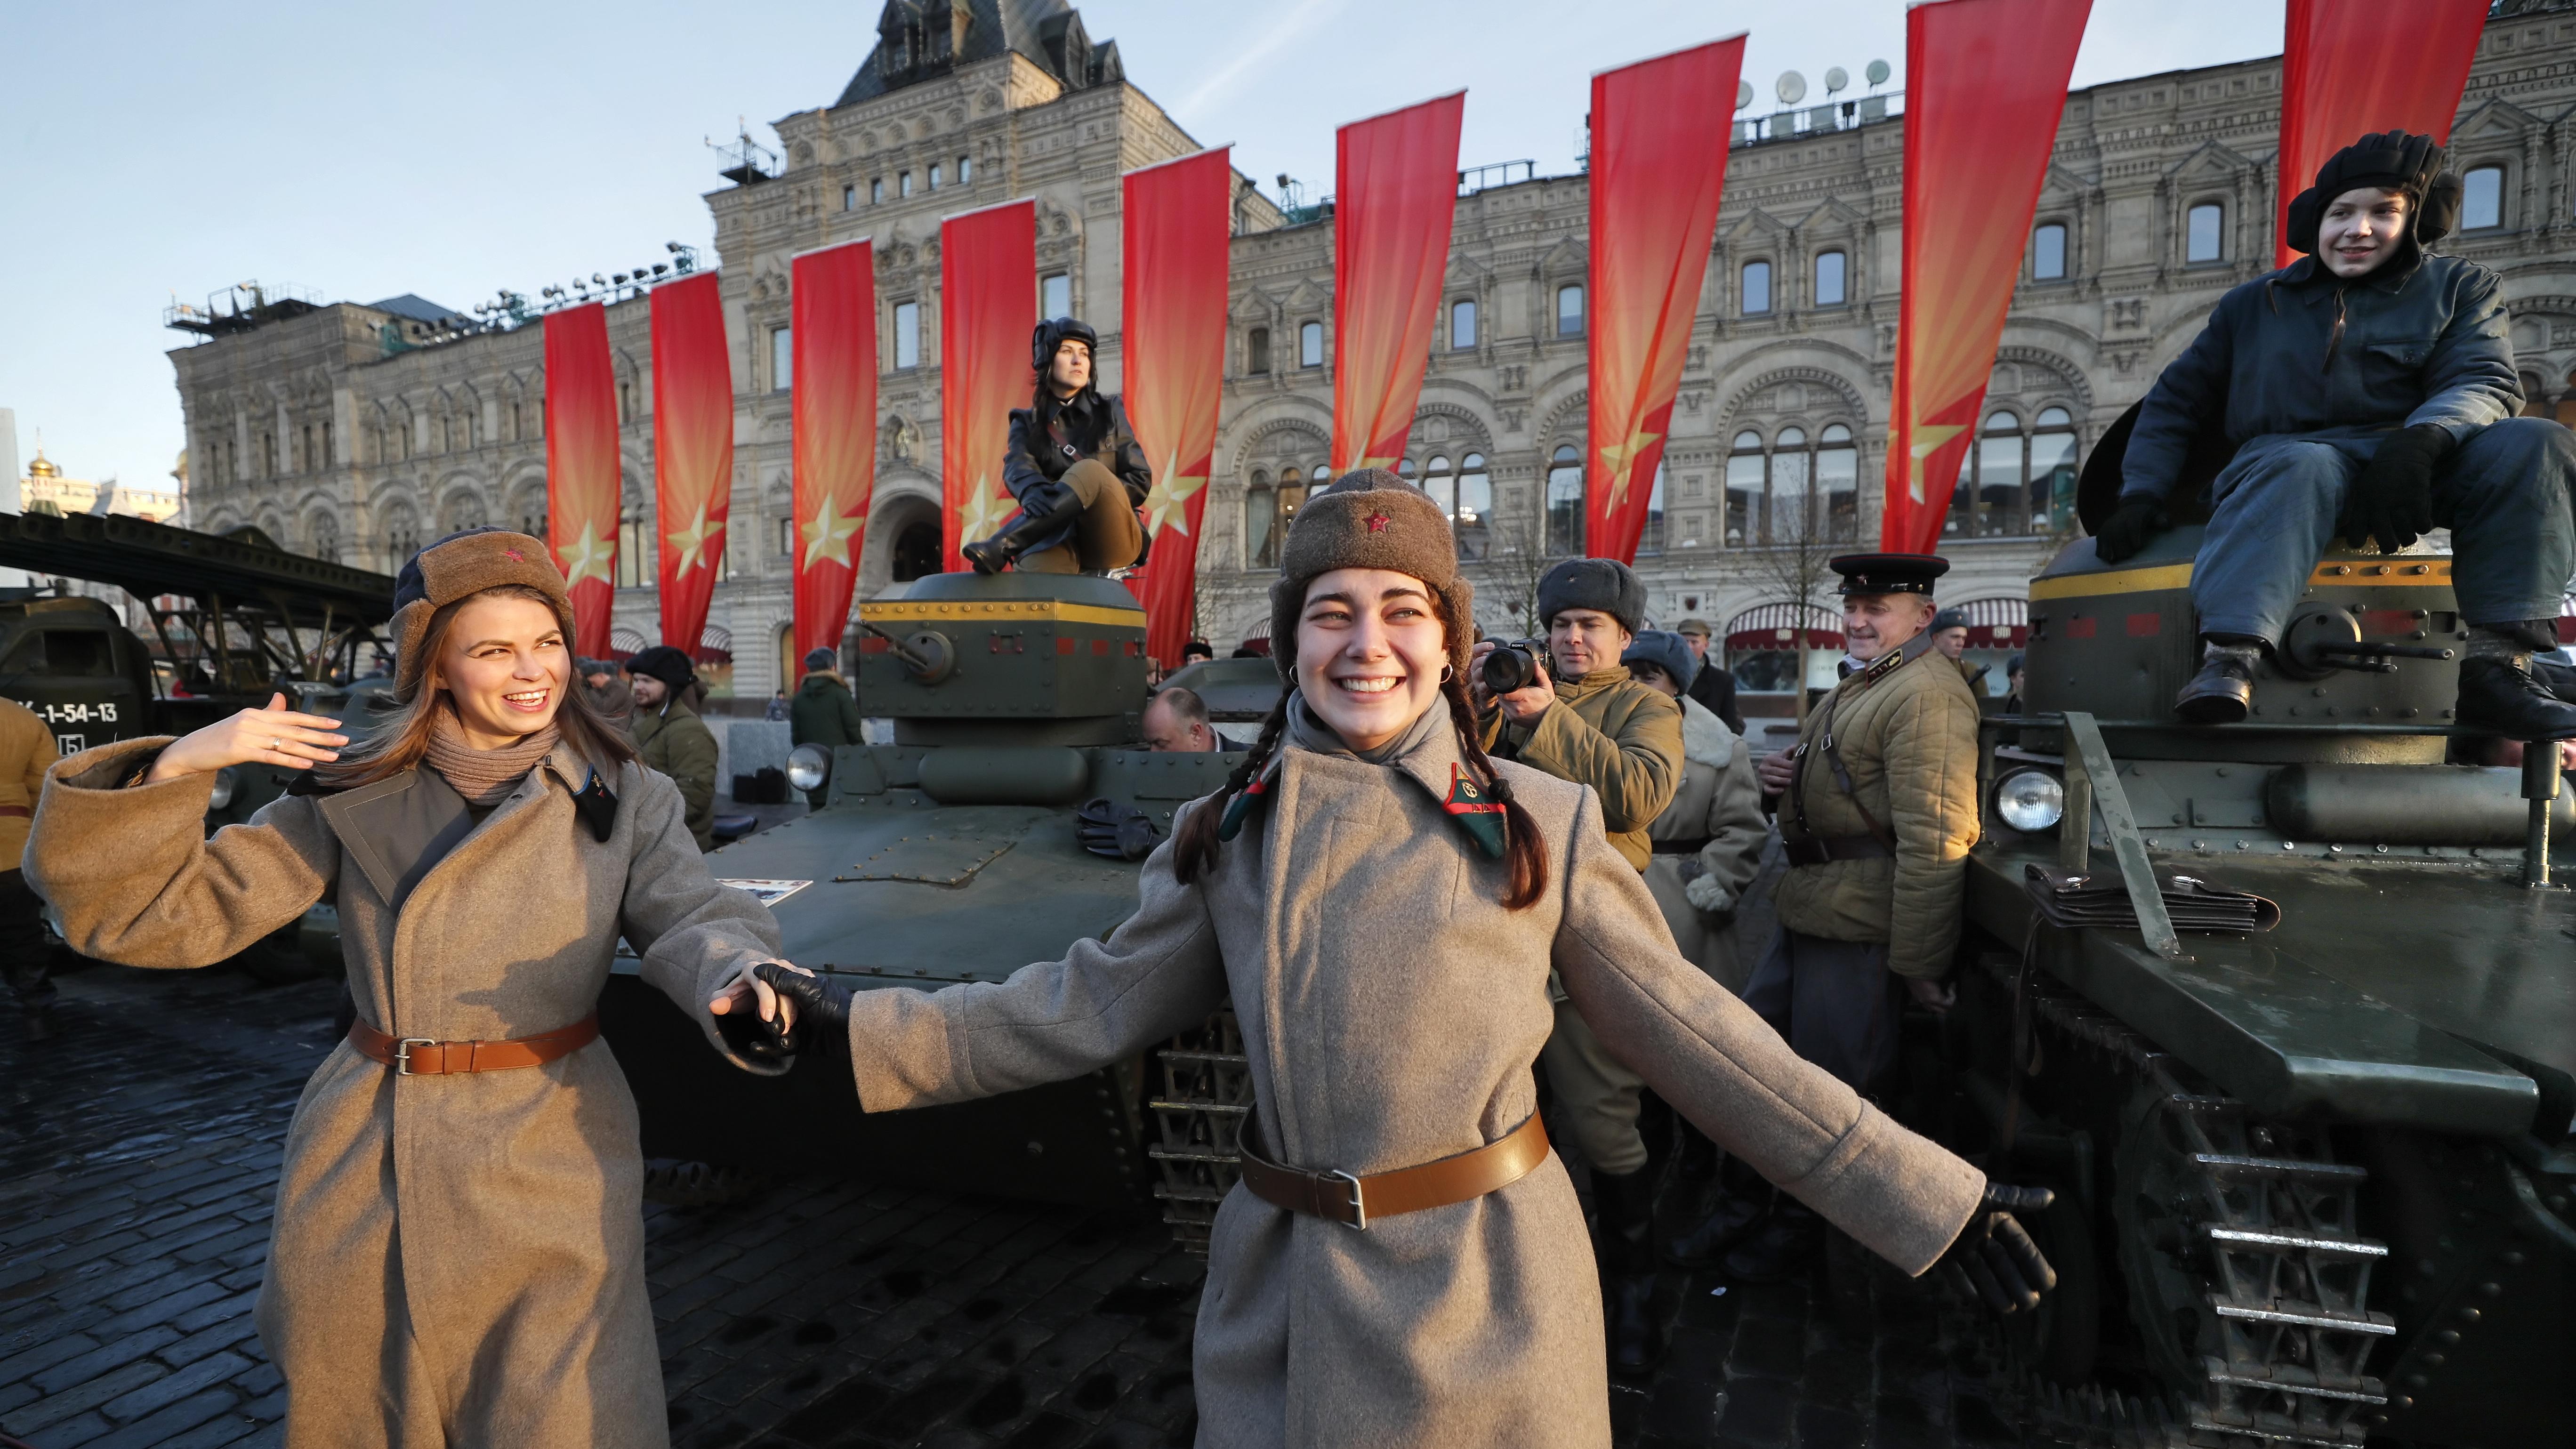 Денят на Великата октомврийска социалистическа революция /ВОСР/ е обявен за празник през 1918 година, но тъй като по това време вече е въведен новият Григориански календар, той я измества на 7-ми ноември.